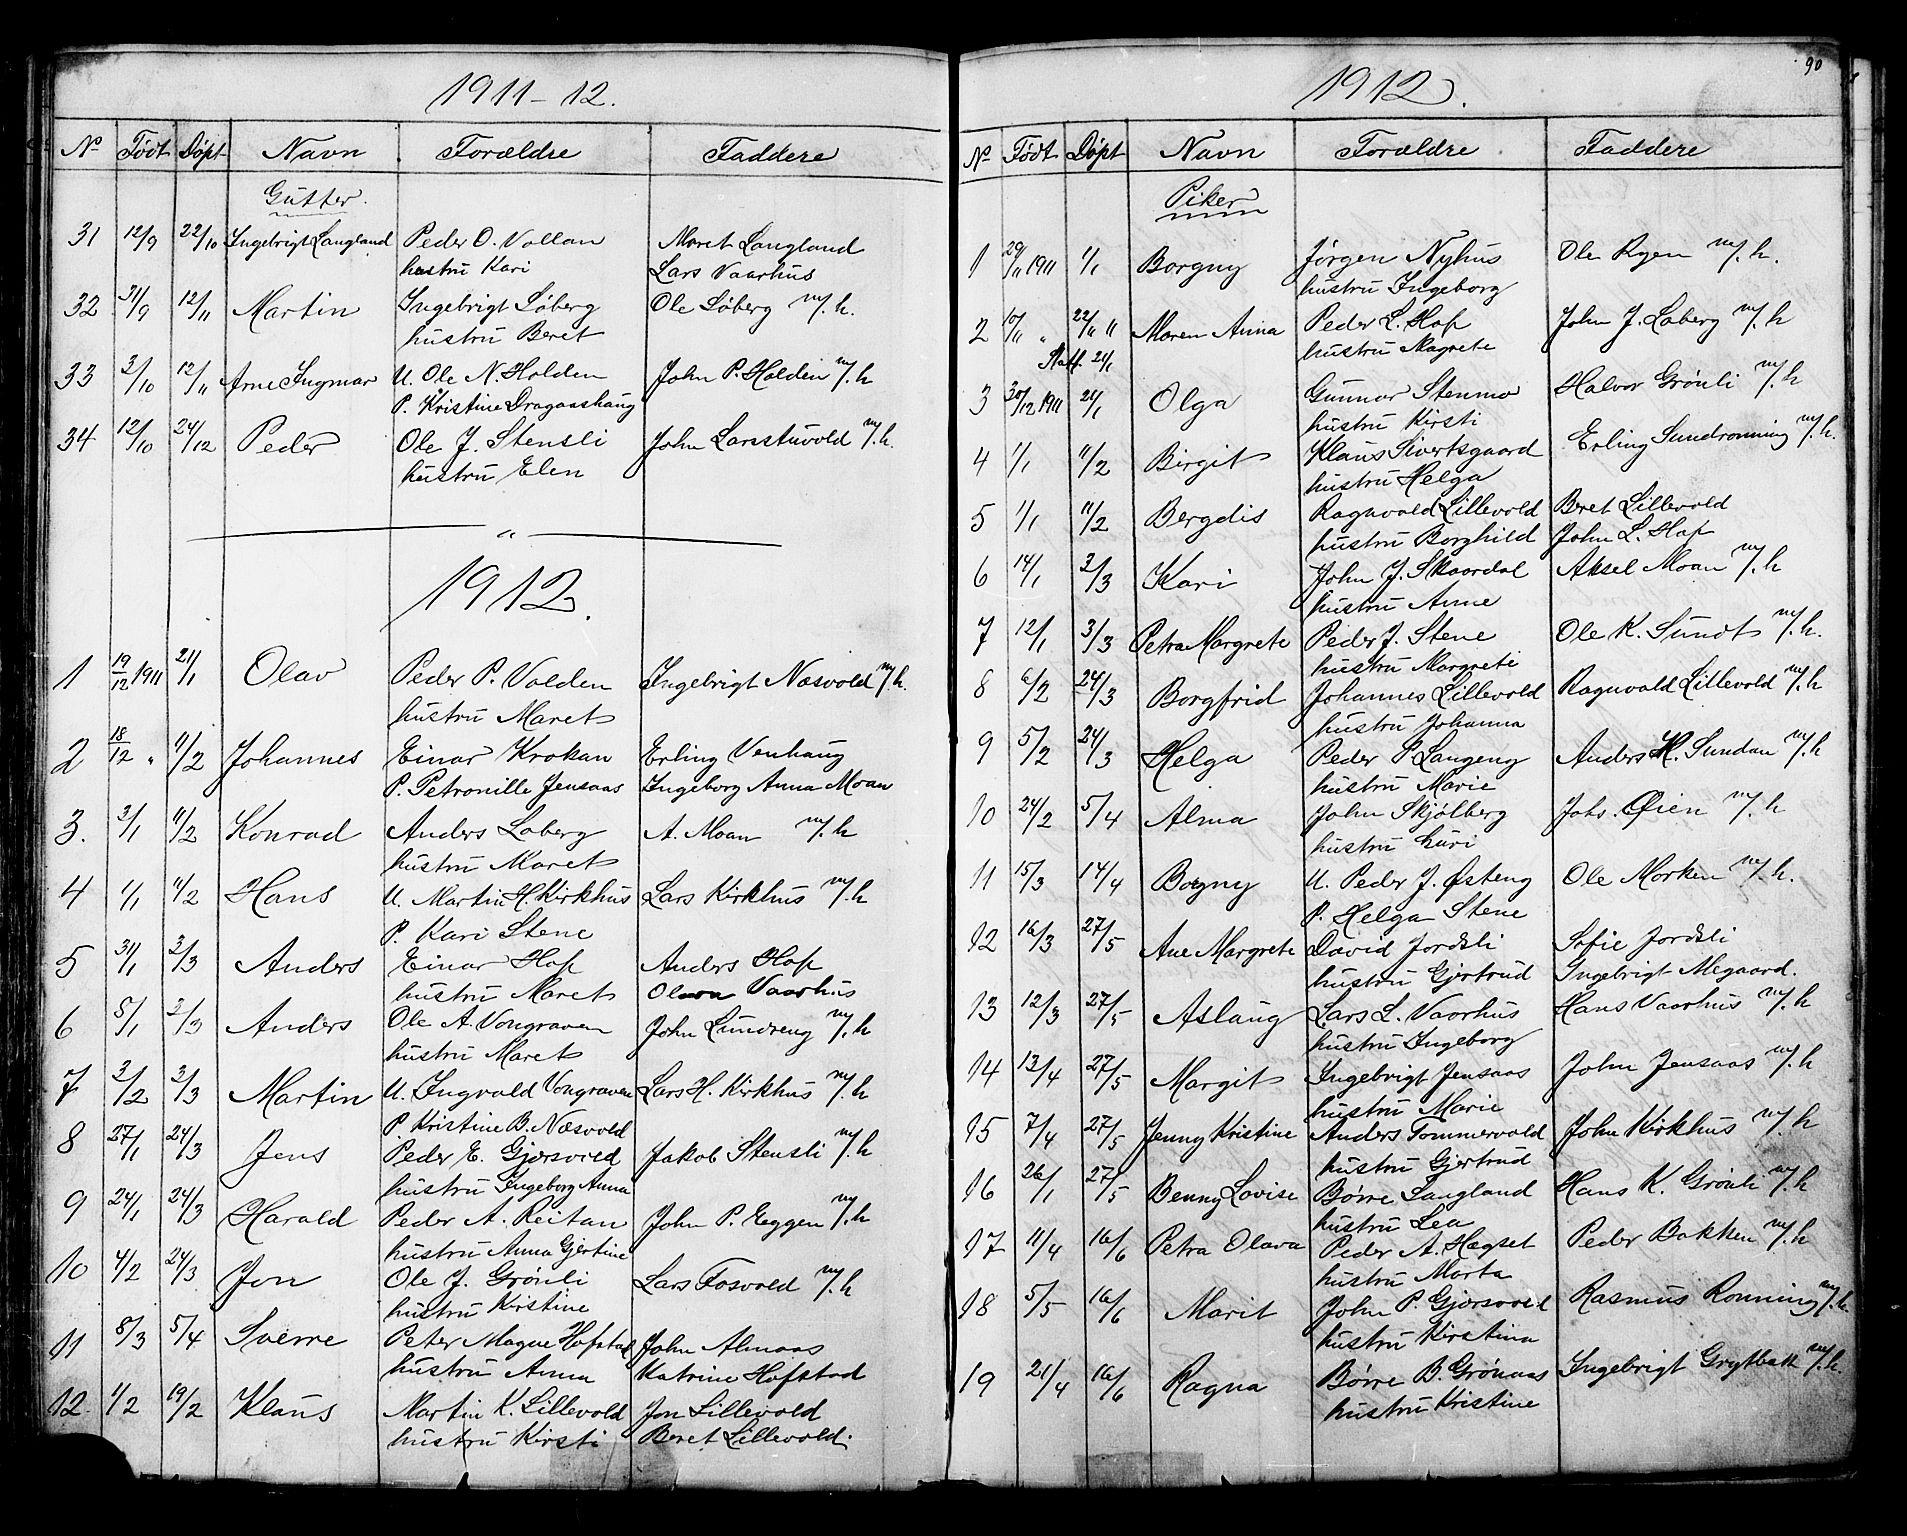 SAT, Ministerialprotokoller, klokkerbøker og fødselsregistre - Sør-Trøndelag, 686/L0985: Klokkerbok nr. 686C01, 1871-1933, s. 90